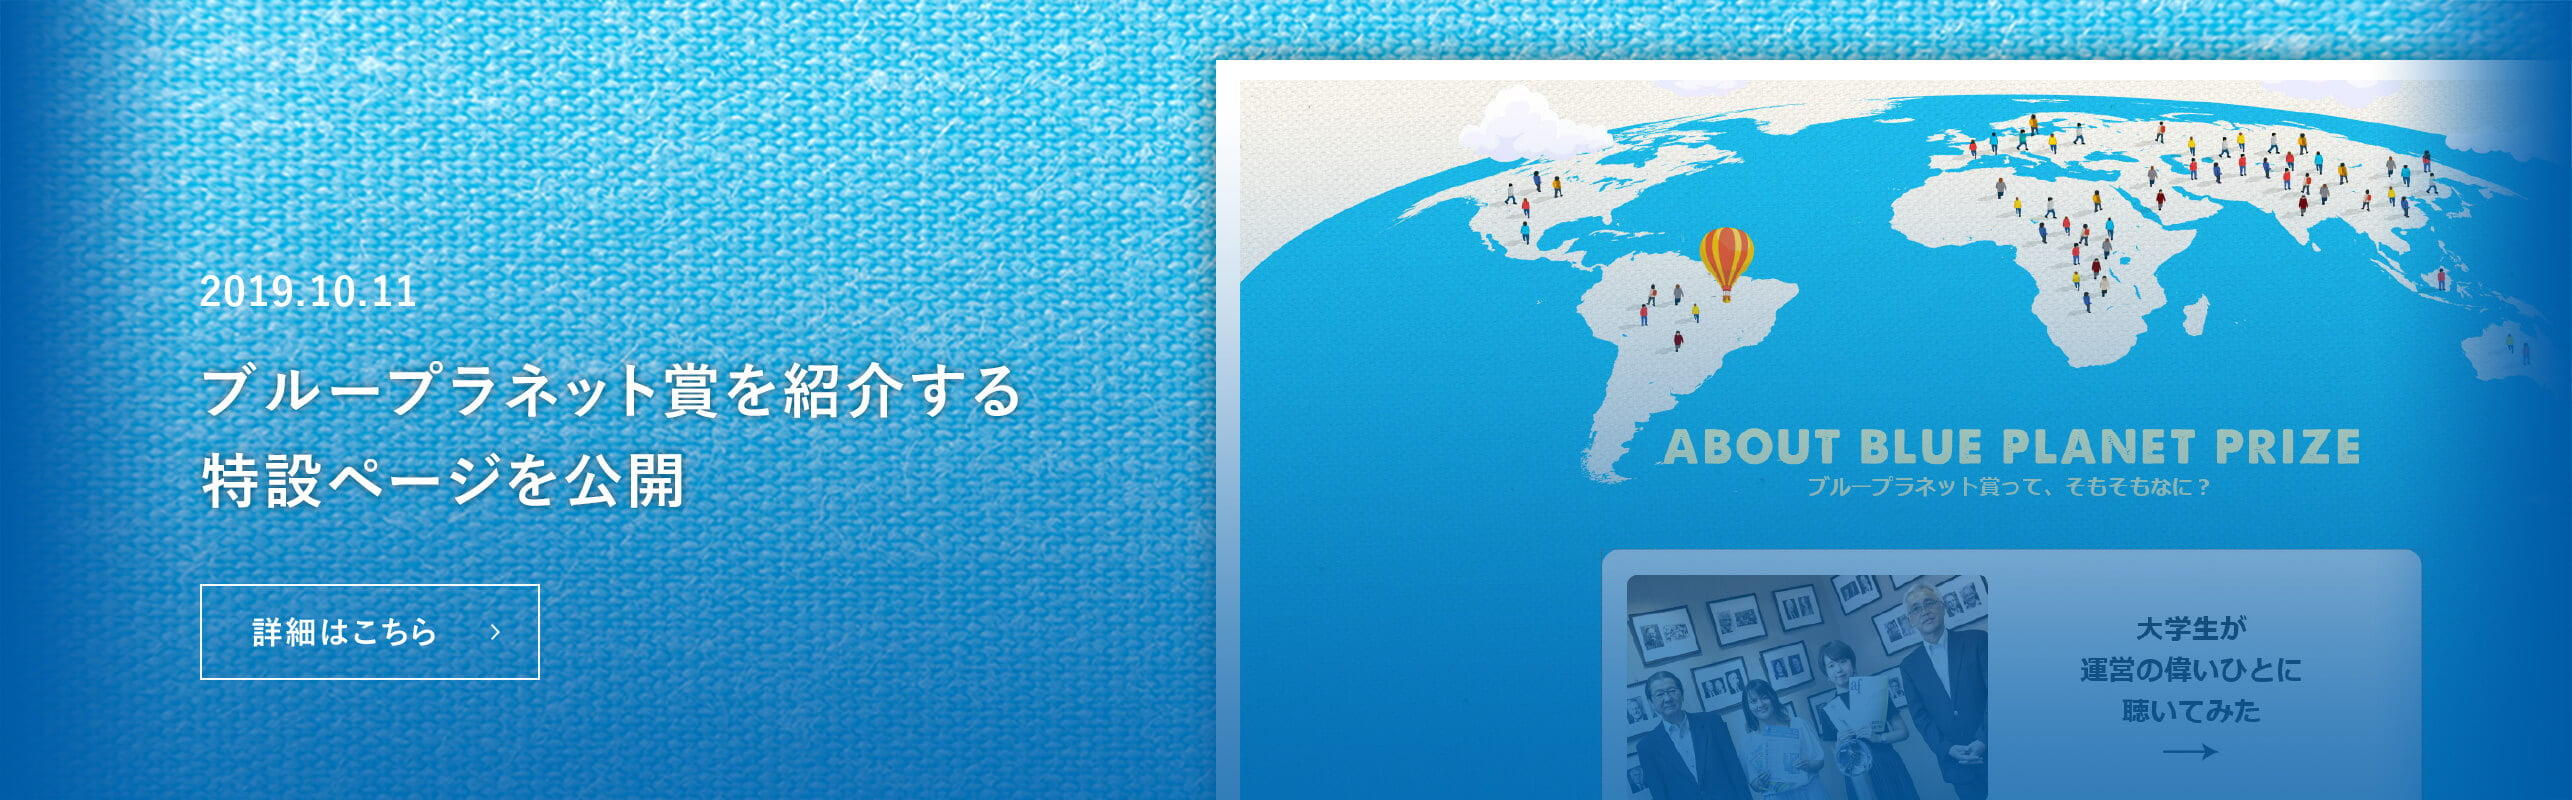 『マイナビ学生の窓口』でブループラネット賞特設サイトをオープン!